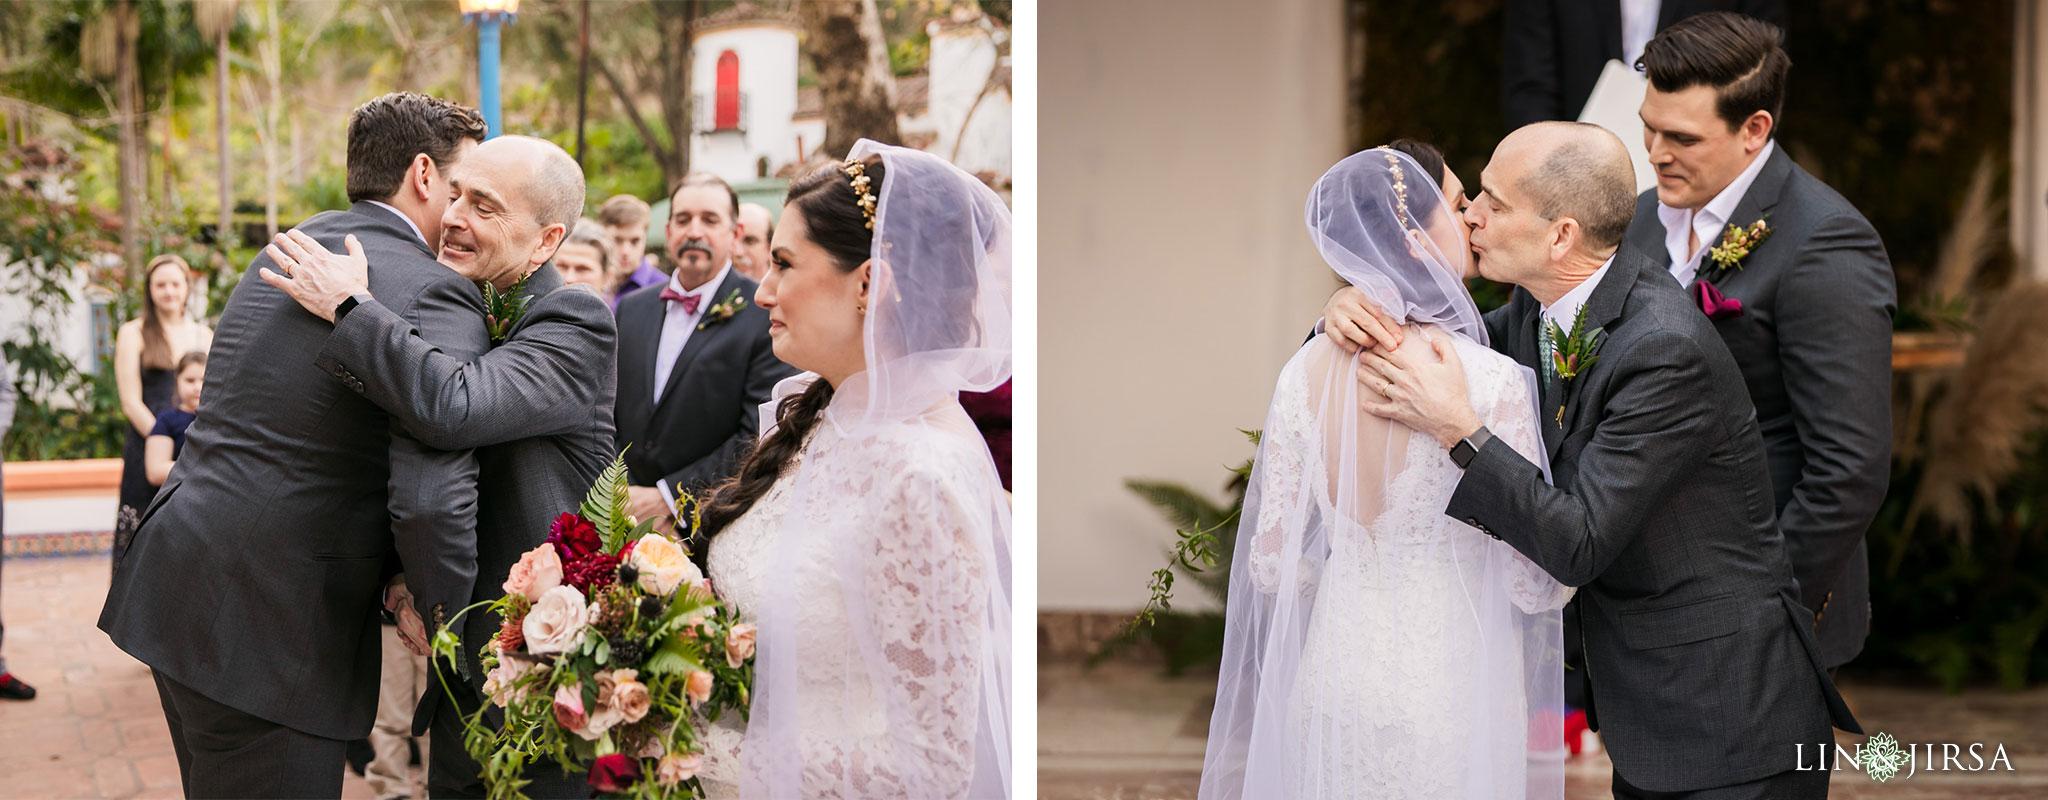 27 Rancho Las Lomas Silverado Wedding Photography